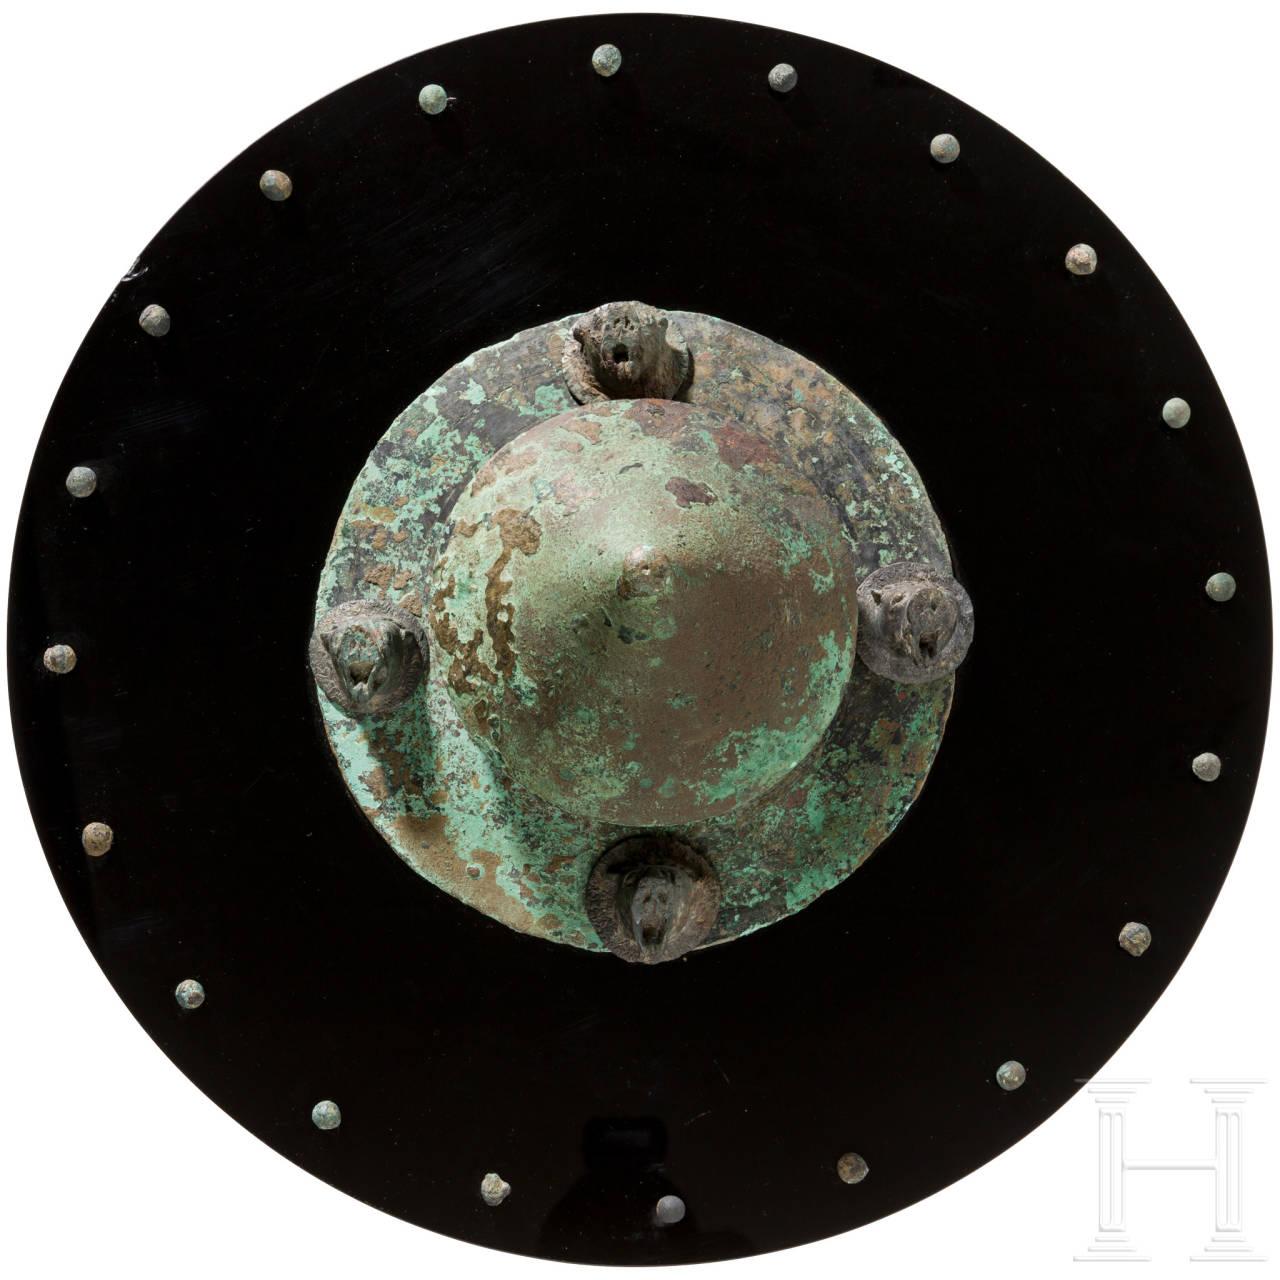 Dekorationsschild aus versch. antiken Elementen